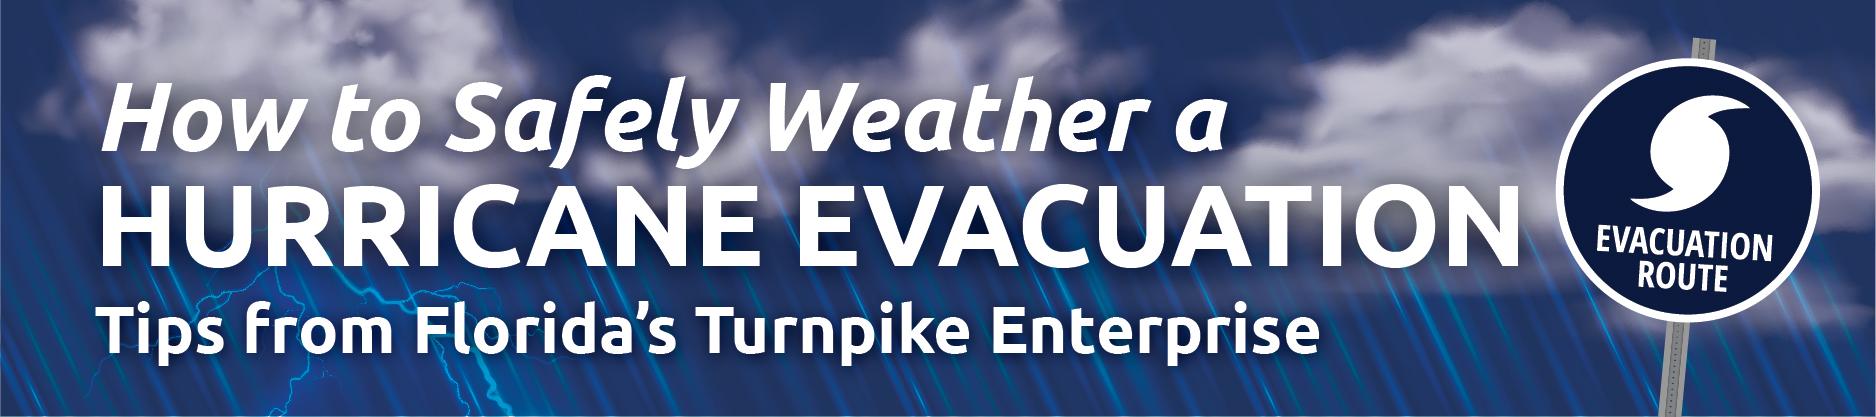 Hurricane Evacuation Infographic